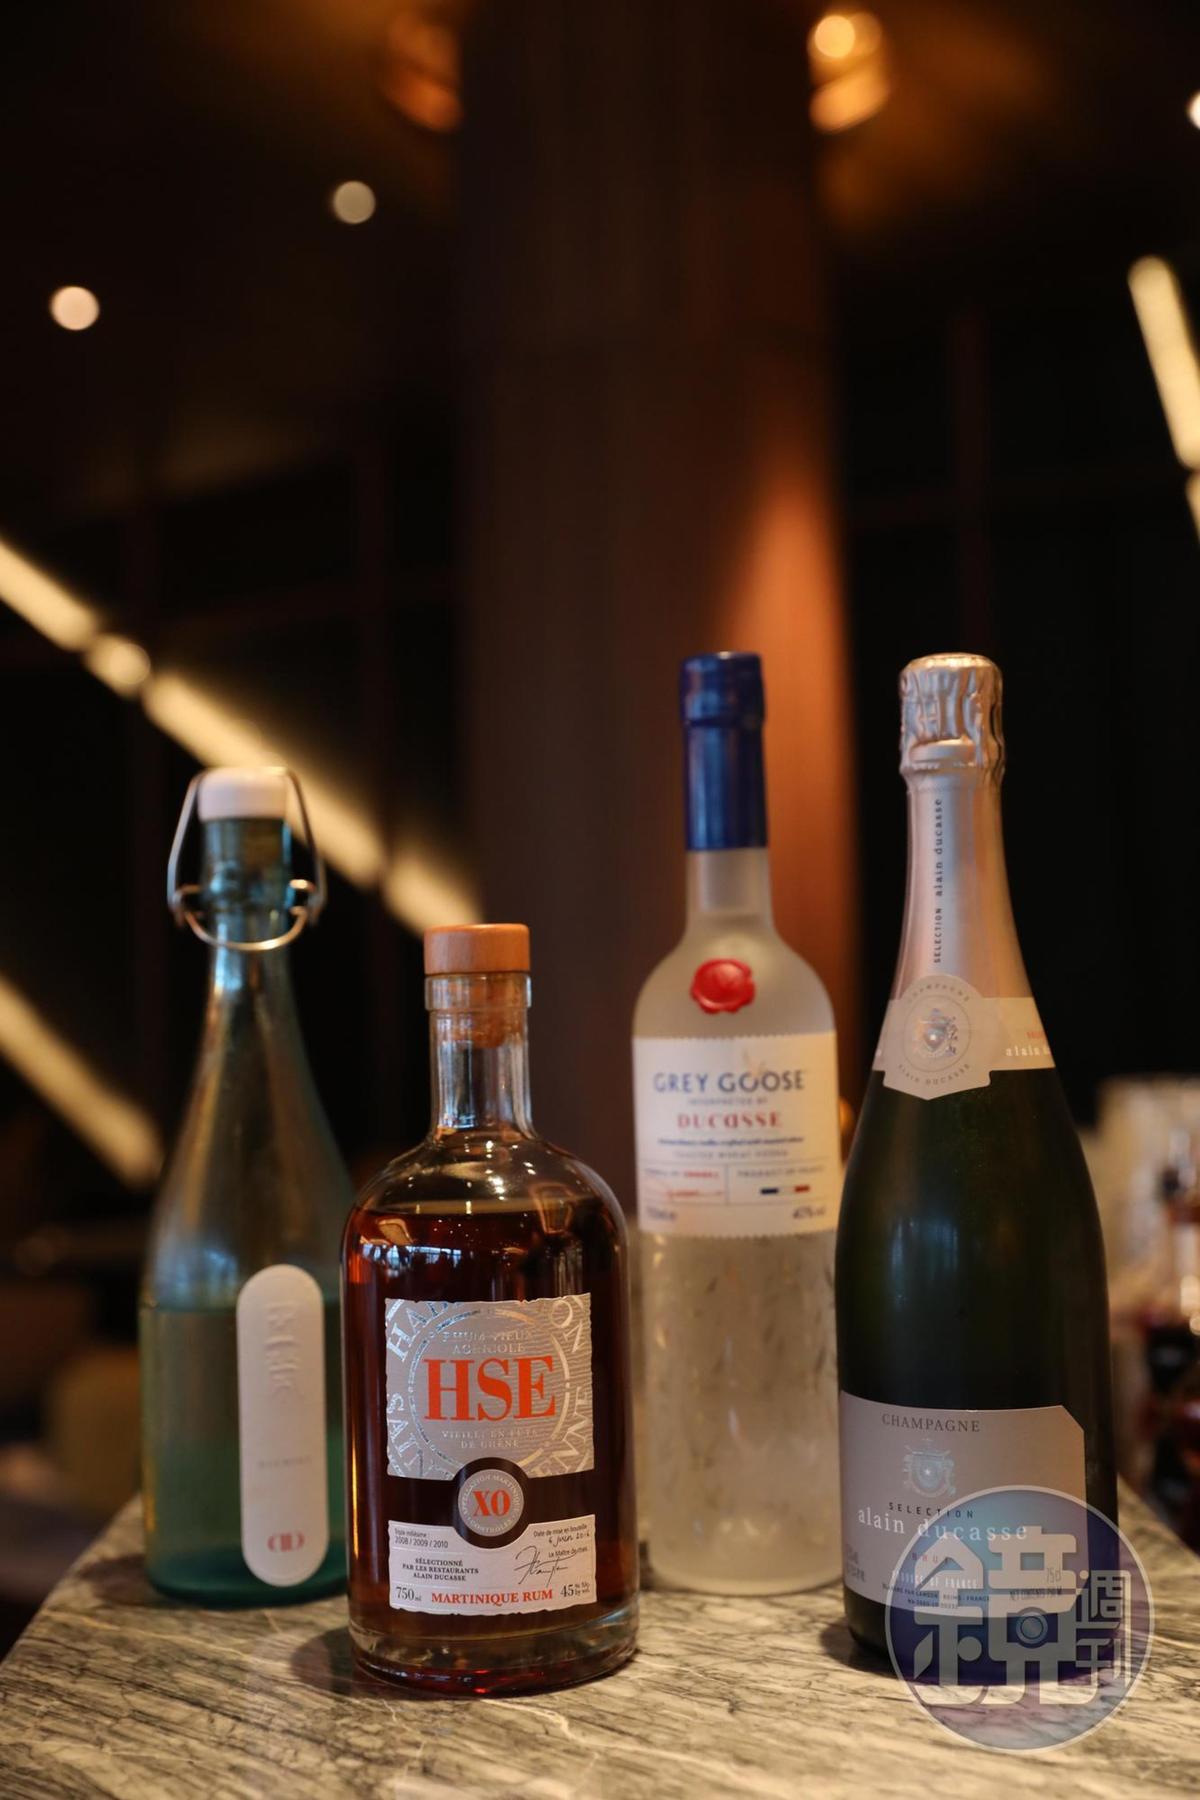 在風雅廚酒吧可以喝到杜卡斯自有品牌的香檳、伏特加、蘭姆酒與清酒。(香檳澳門幣188元/杯,約NT$714;蘭姆酒與伏特加均為澳門幣268元/杯,約NT$1,018;清酒澳門幣208元/杯,約NT$790)